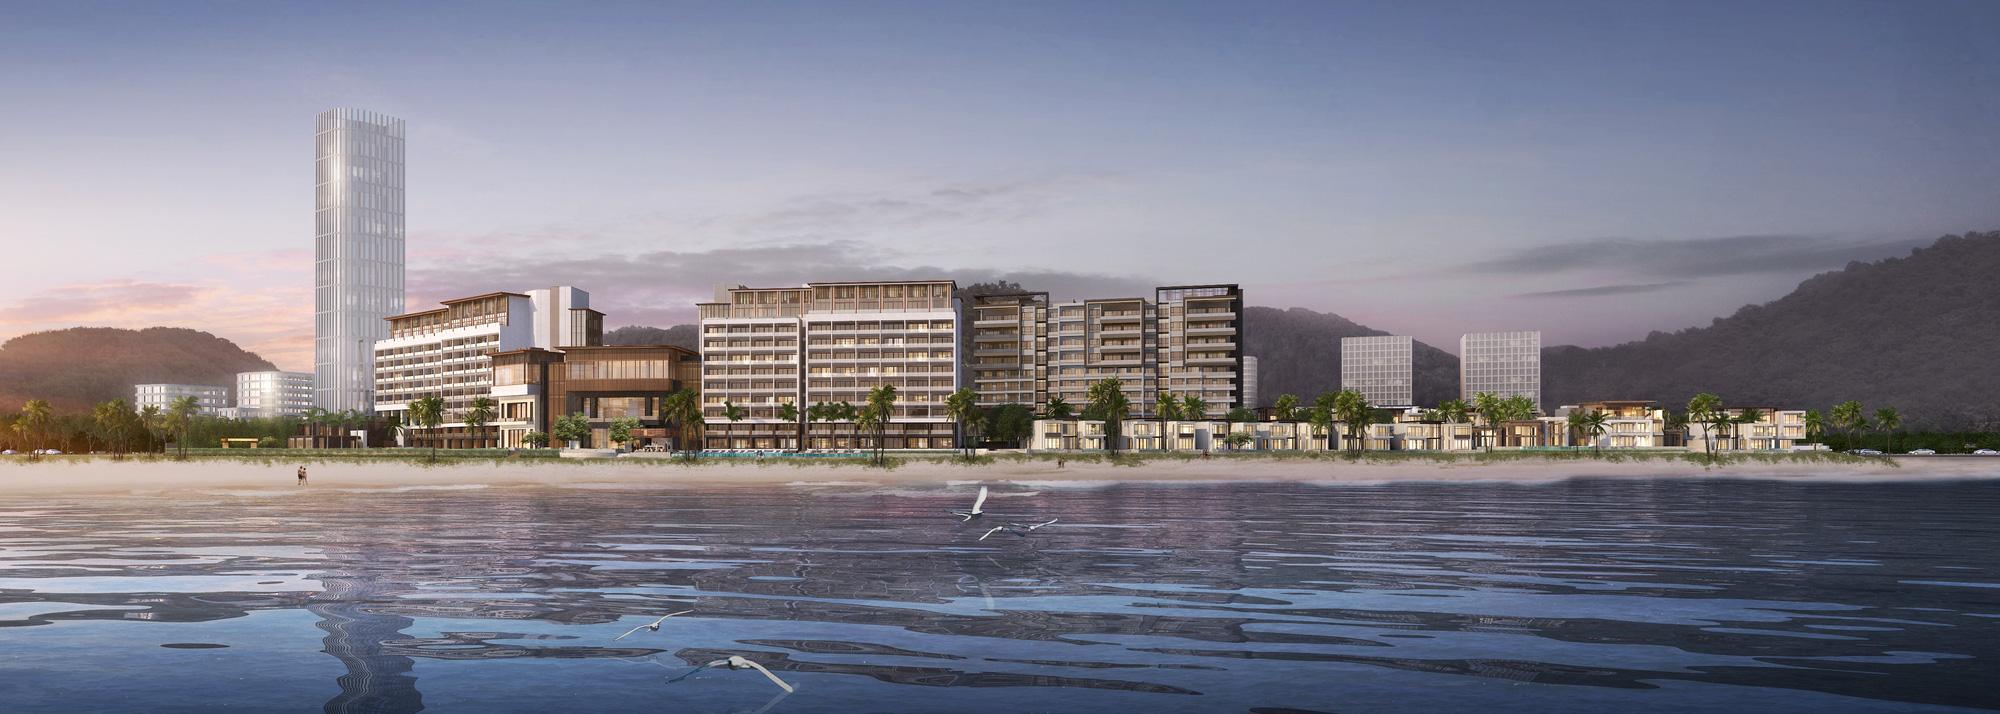 Hạ Long sắp có dự án nghỉ dưỡng ven biển cao cấp quốc tế đầu tiên - Ảnh 1.